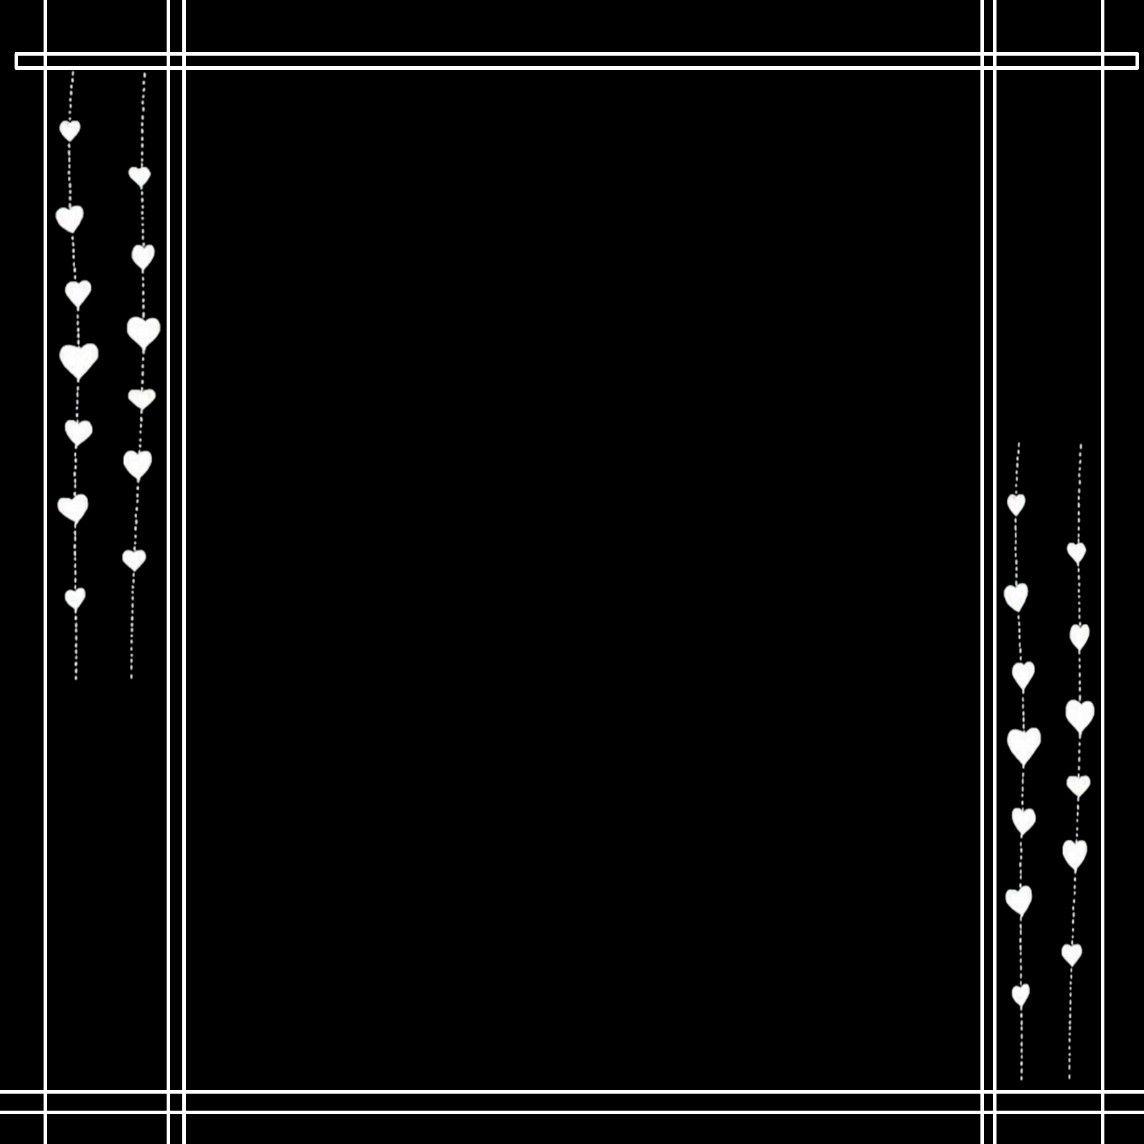 Png Lines Latest Design Overlays Picsart Picsart Png Png Text